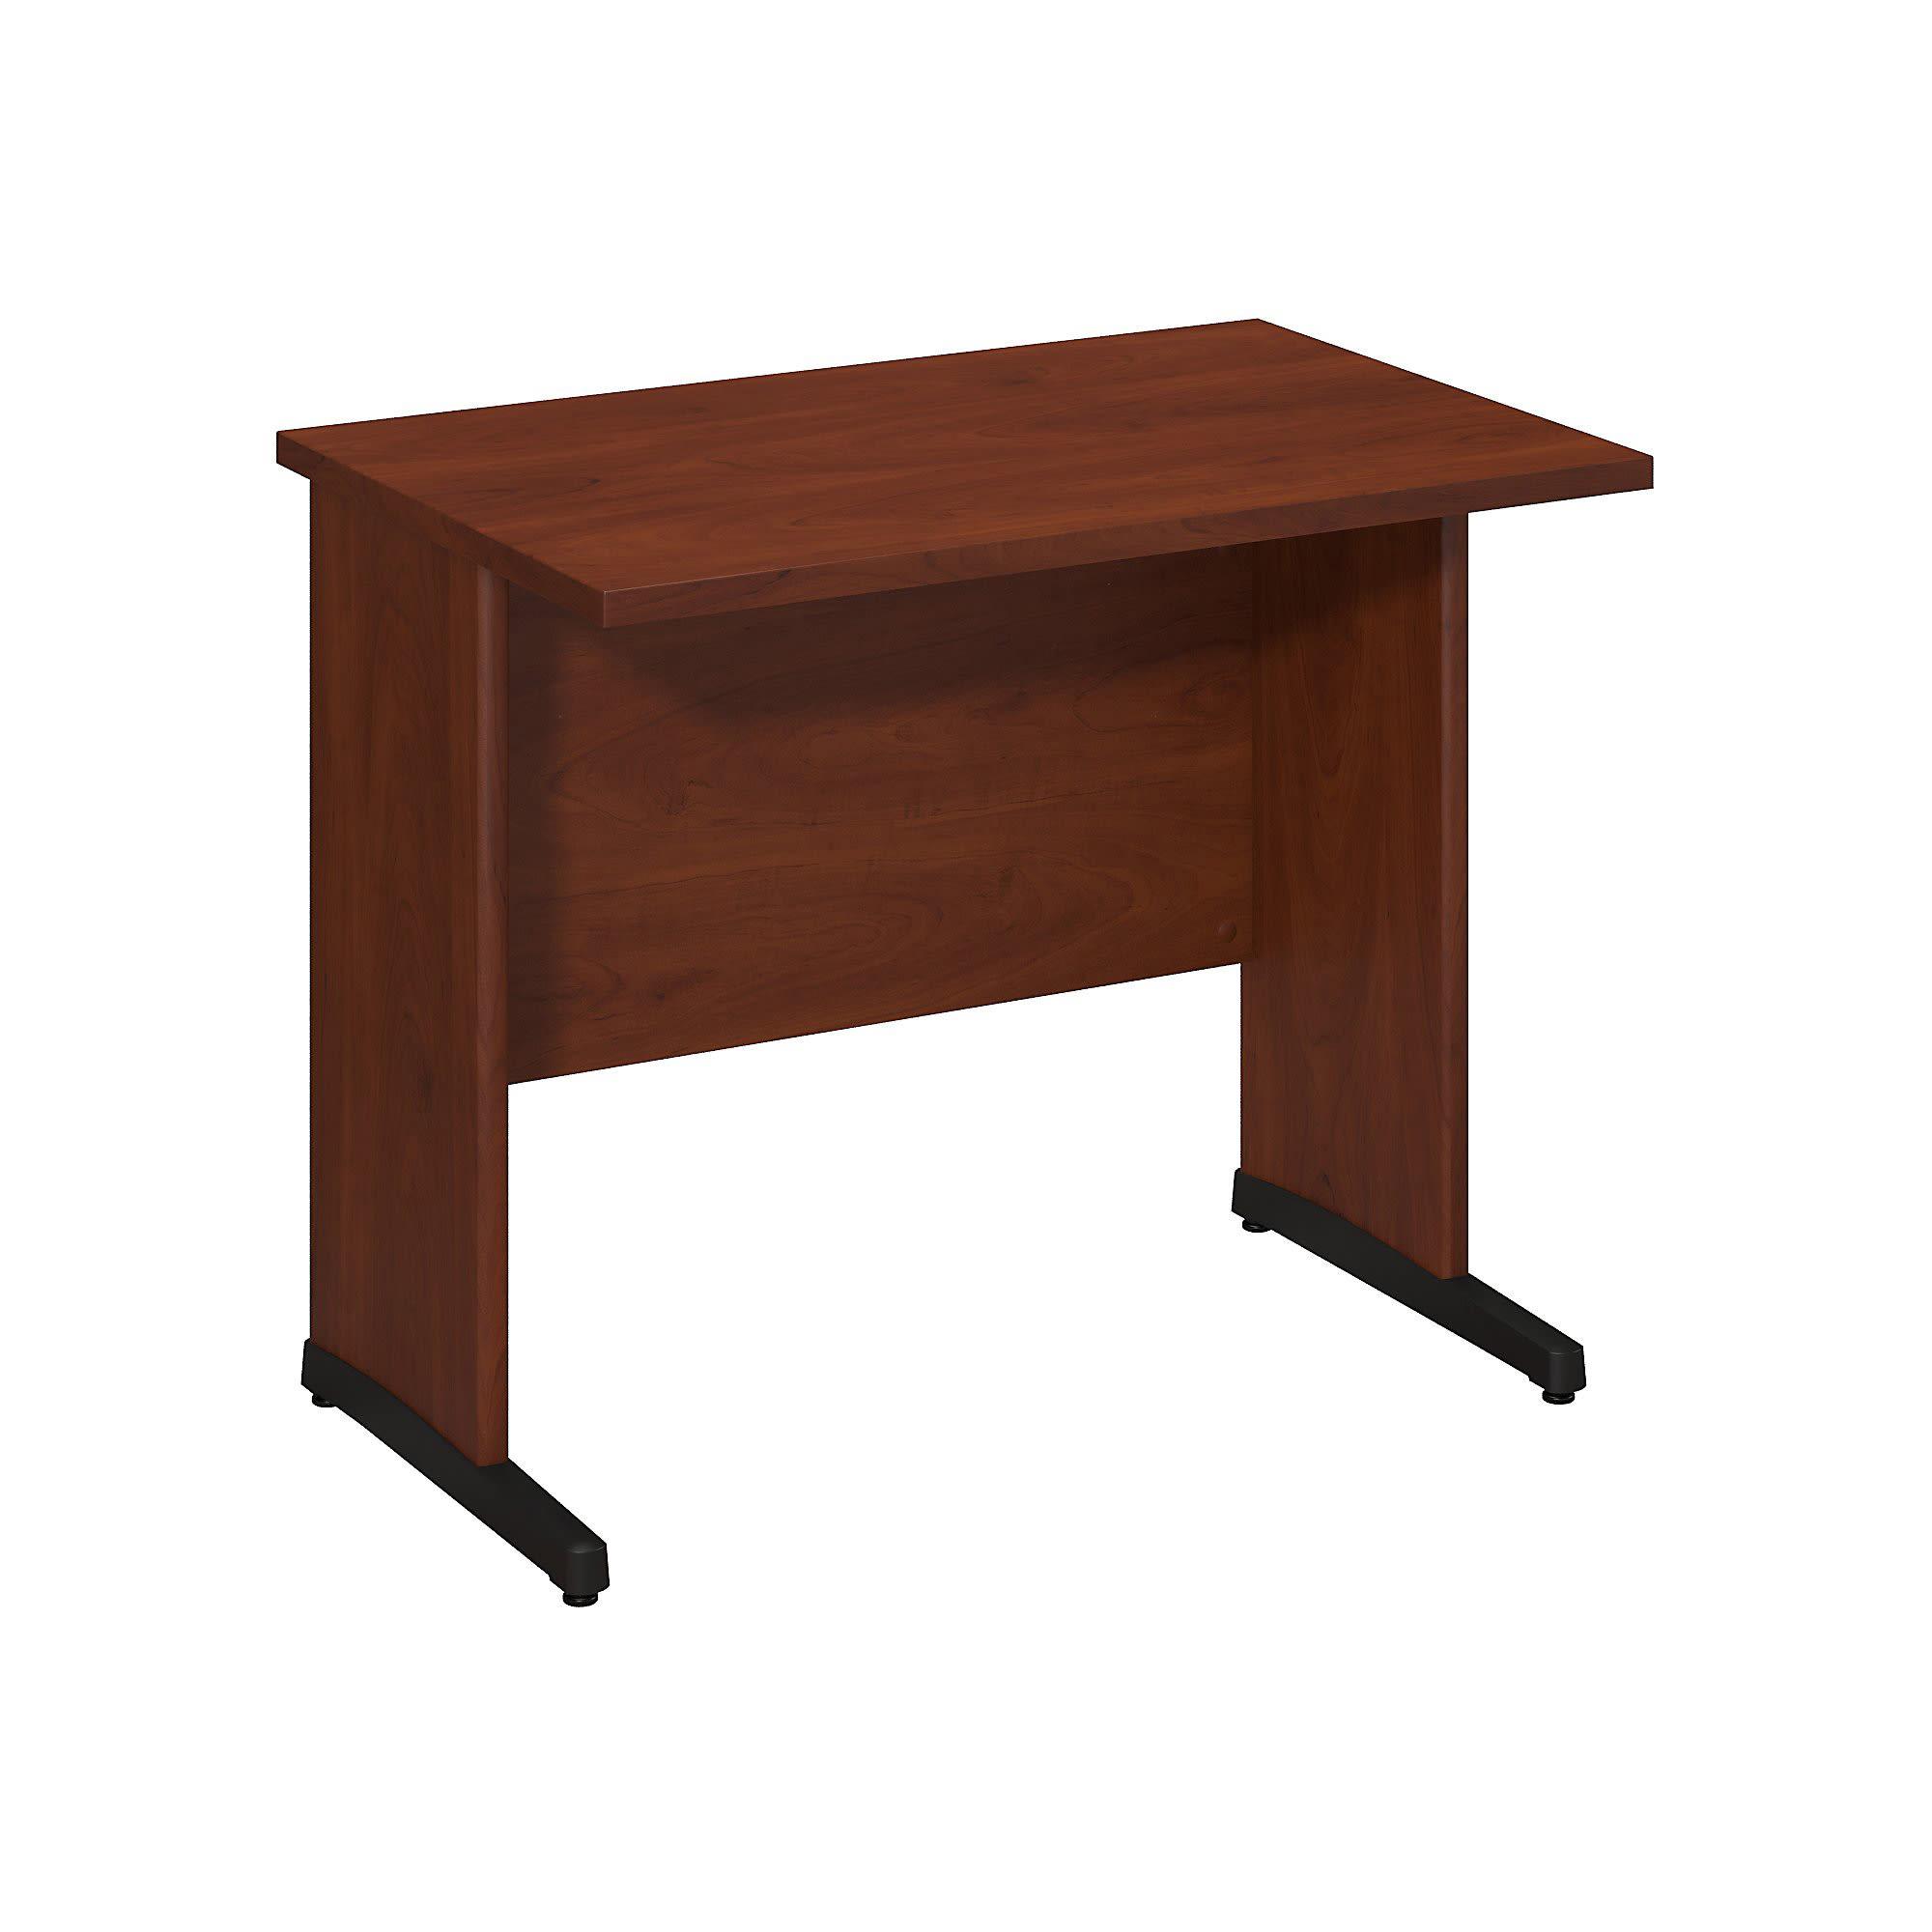 """Bush Business Furniture Components Elite C Leg Desk 36""""W x 24""""D, Hansen Cherry, Standard Delivery"""